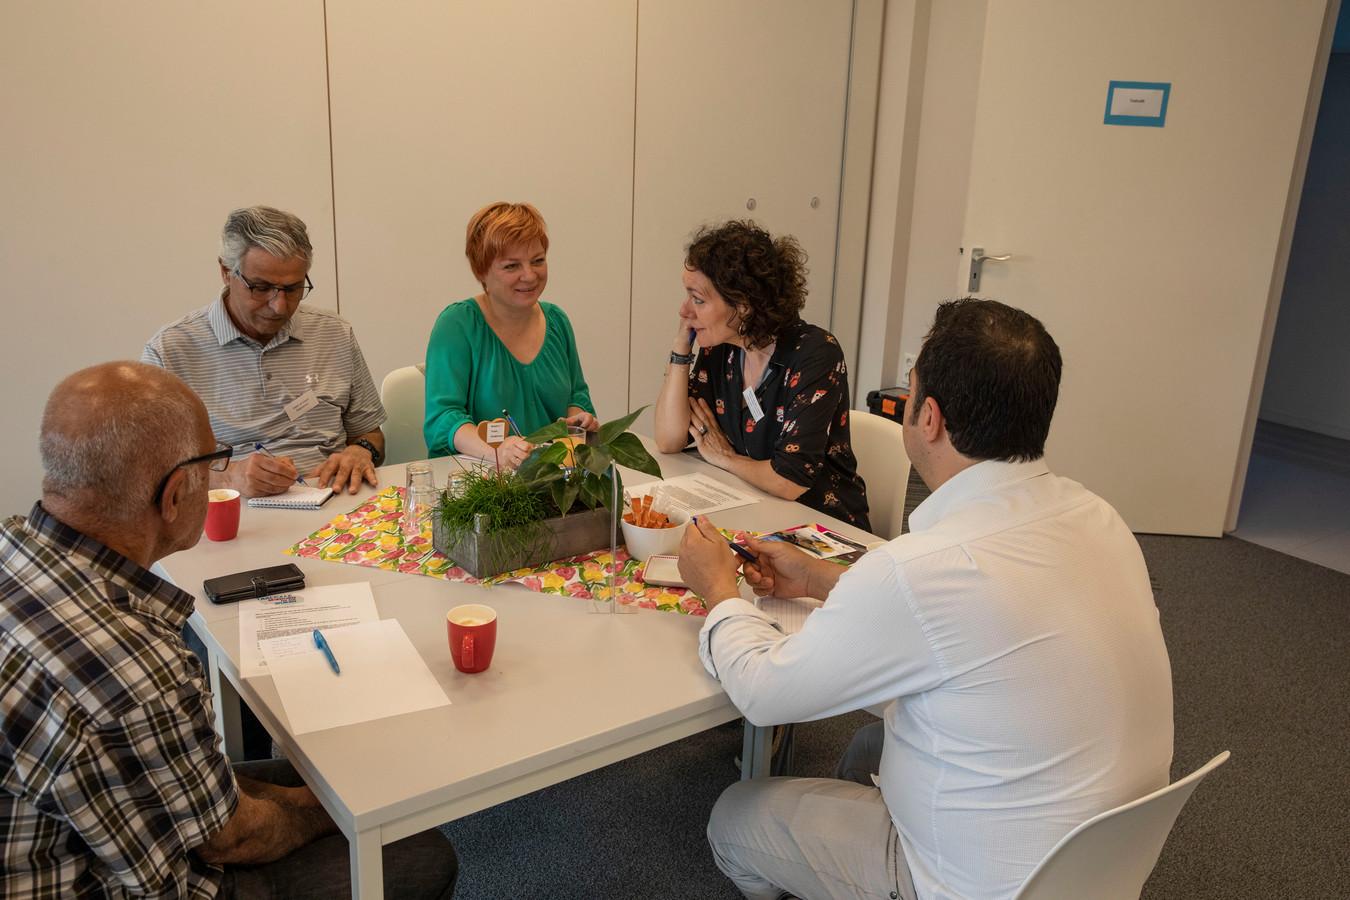 Onderleiding van vrijwilligster taalcursus bij het Rode Kruis in Eindhoven